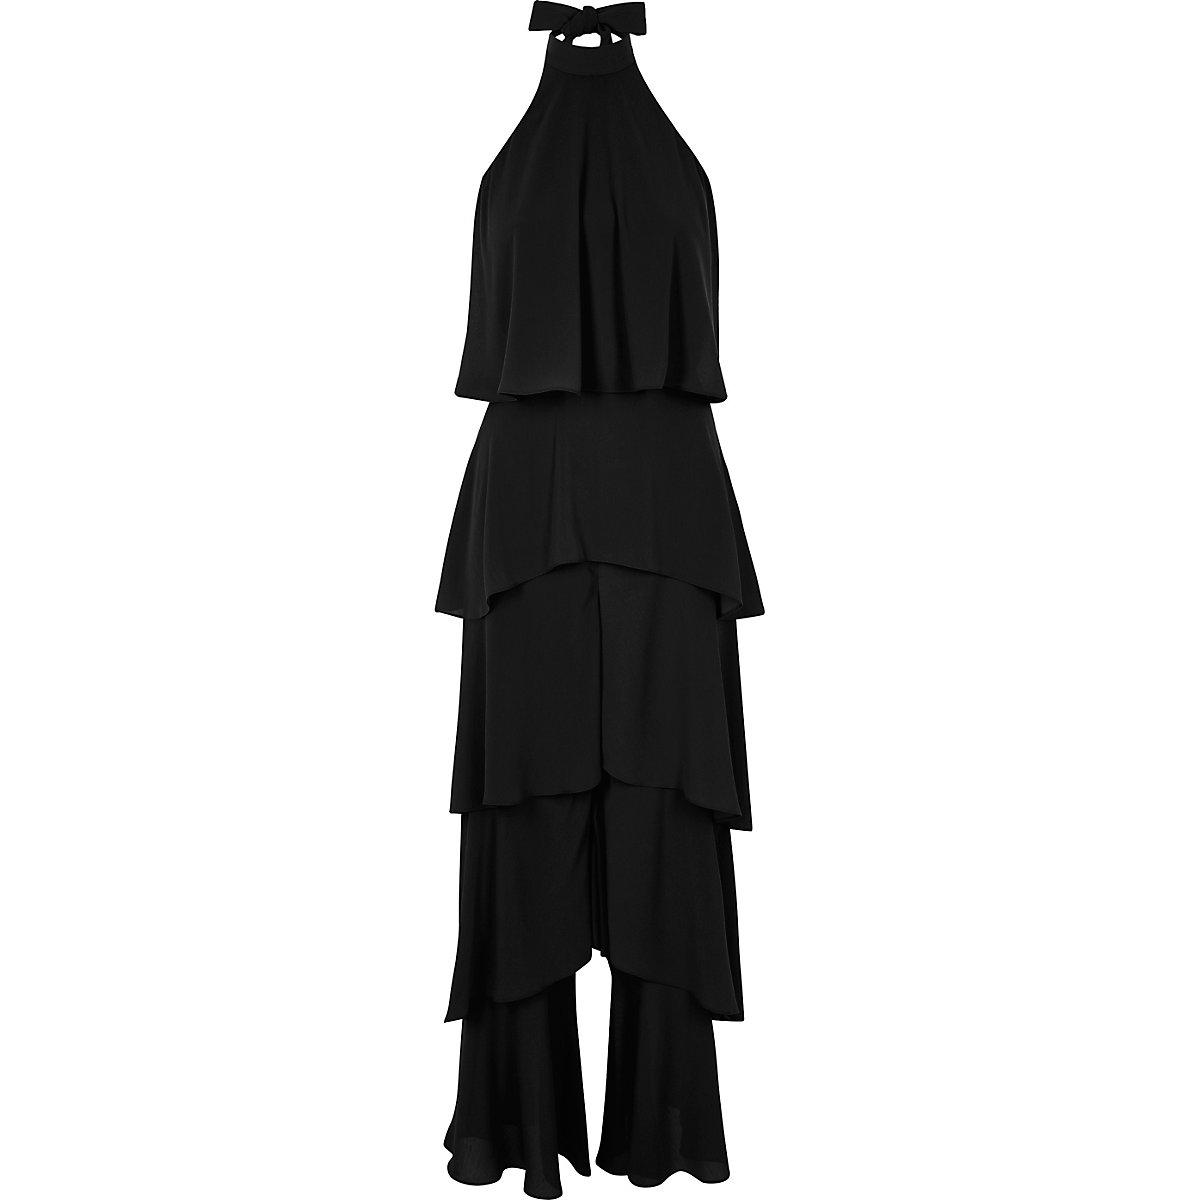 Zwarte jumpsuit met halter, wijde pijpen en ruches